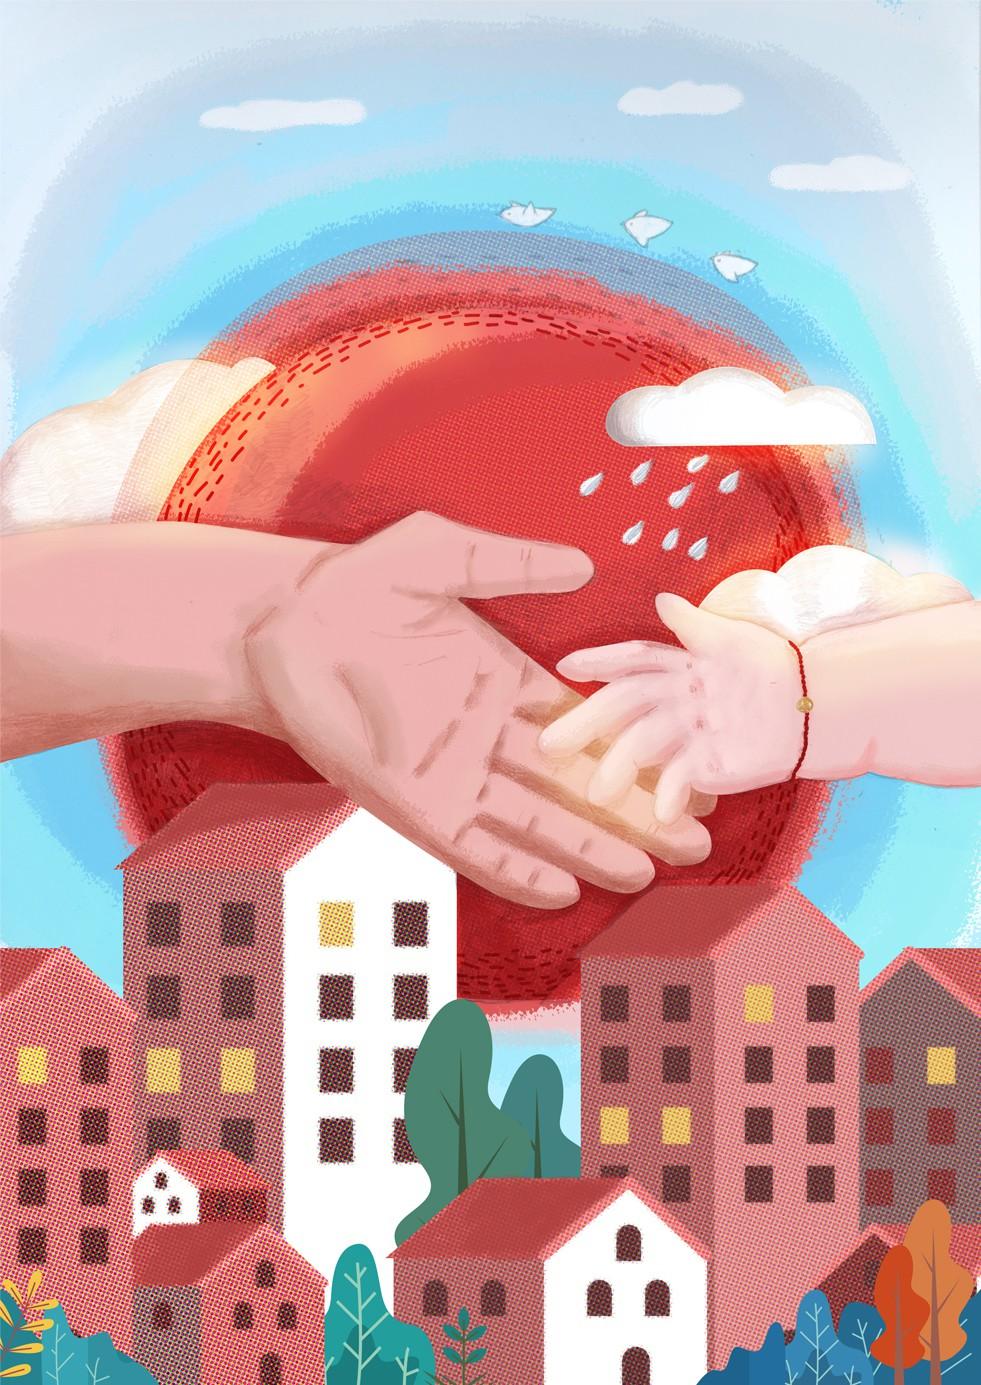 Sẽ đến lúc bạn nhận ra, bàn tay ta chính là thiết kế kỳ diệu nhất của yêu thương và gắn kết - Ảnh 3.